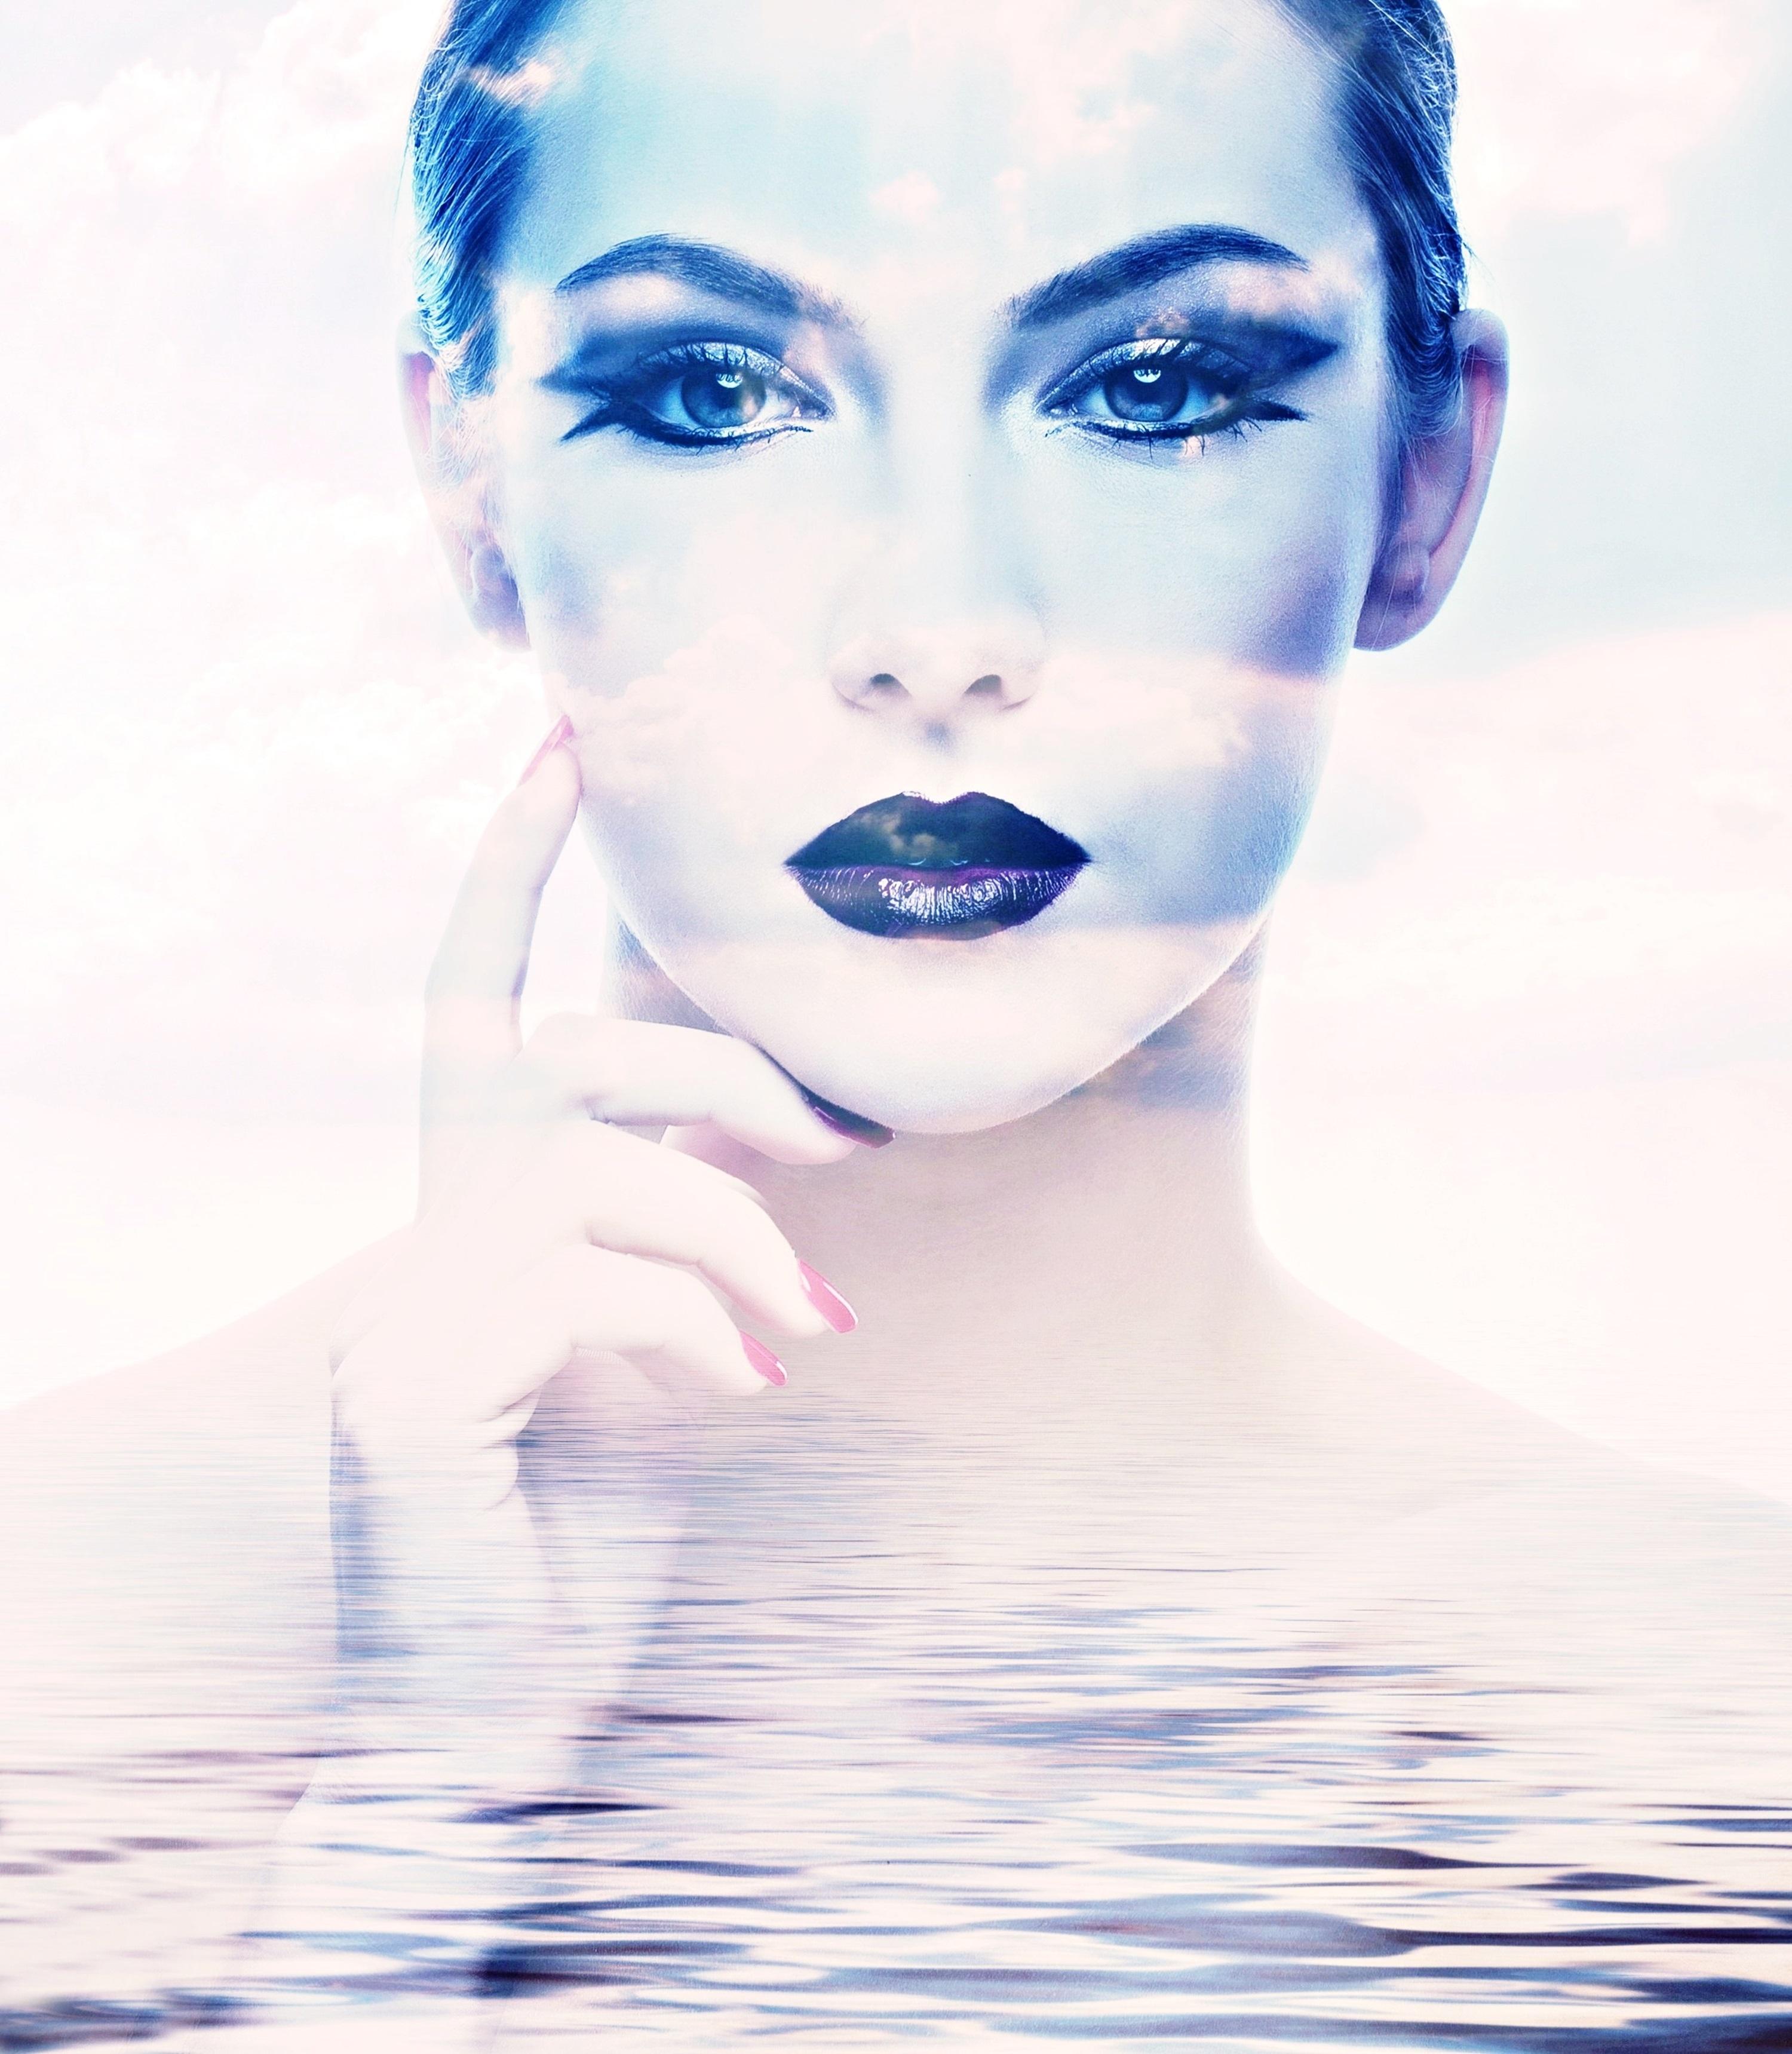 Fotoğraf Su Kişi Soyut Gökyüzü Kadın Fotoğrafçılık Görünüm